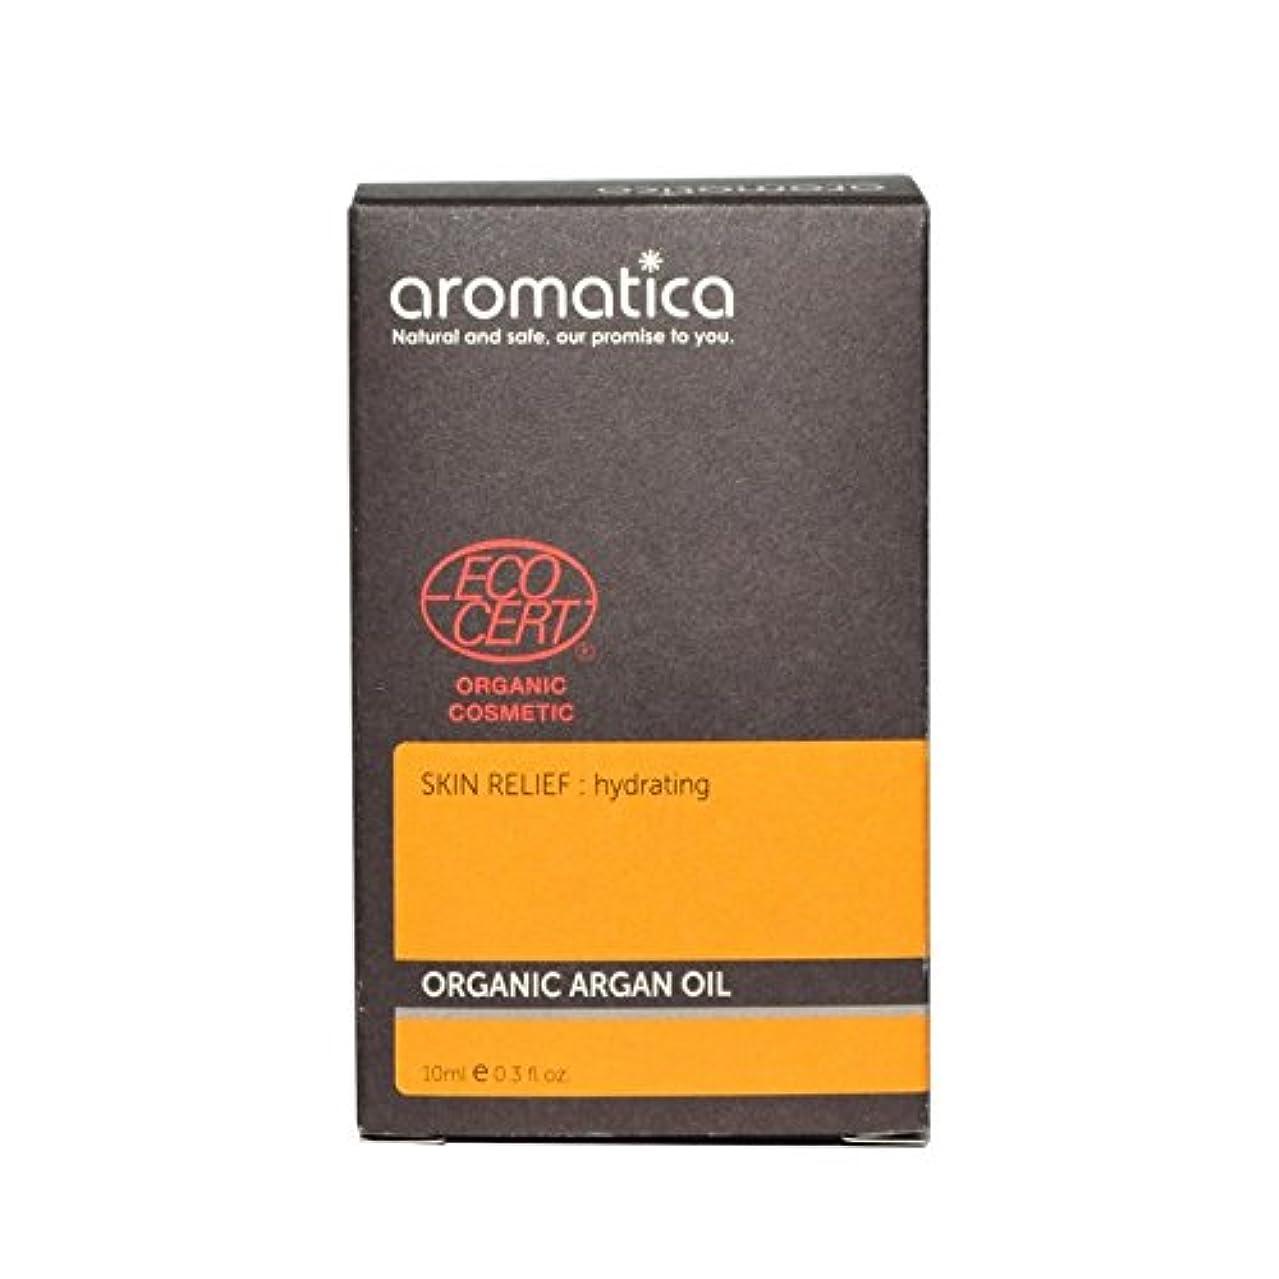 認可オズワルドオピエートaromatica Organic Argan Oil 10ml (Pack of 6) - オーガニックアルガンオイル10ミリリットル x6 [並行輸入品]